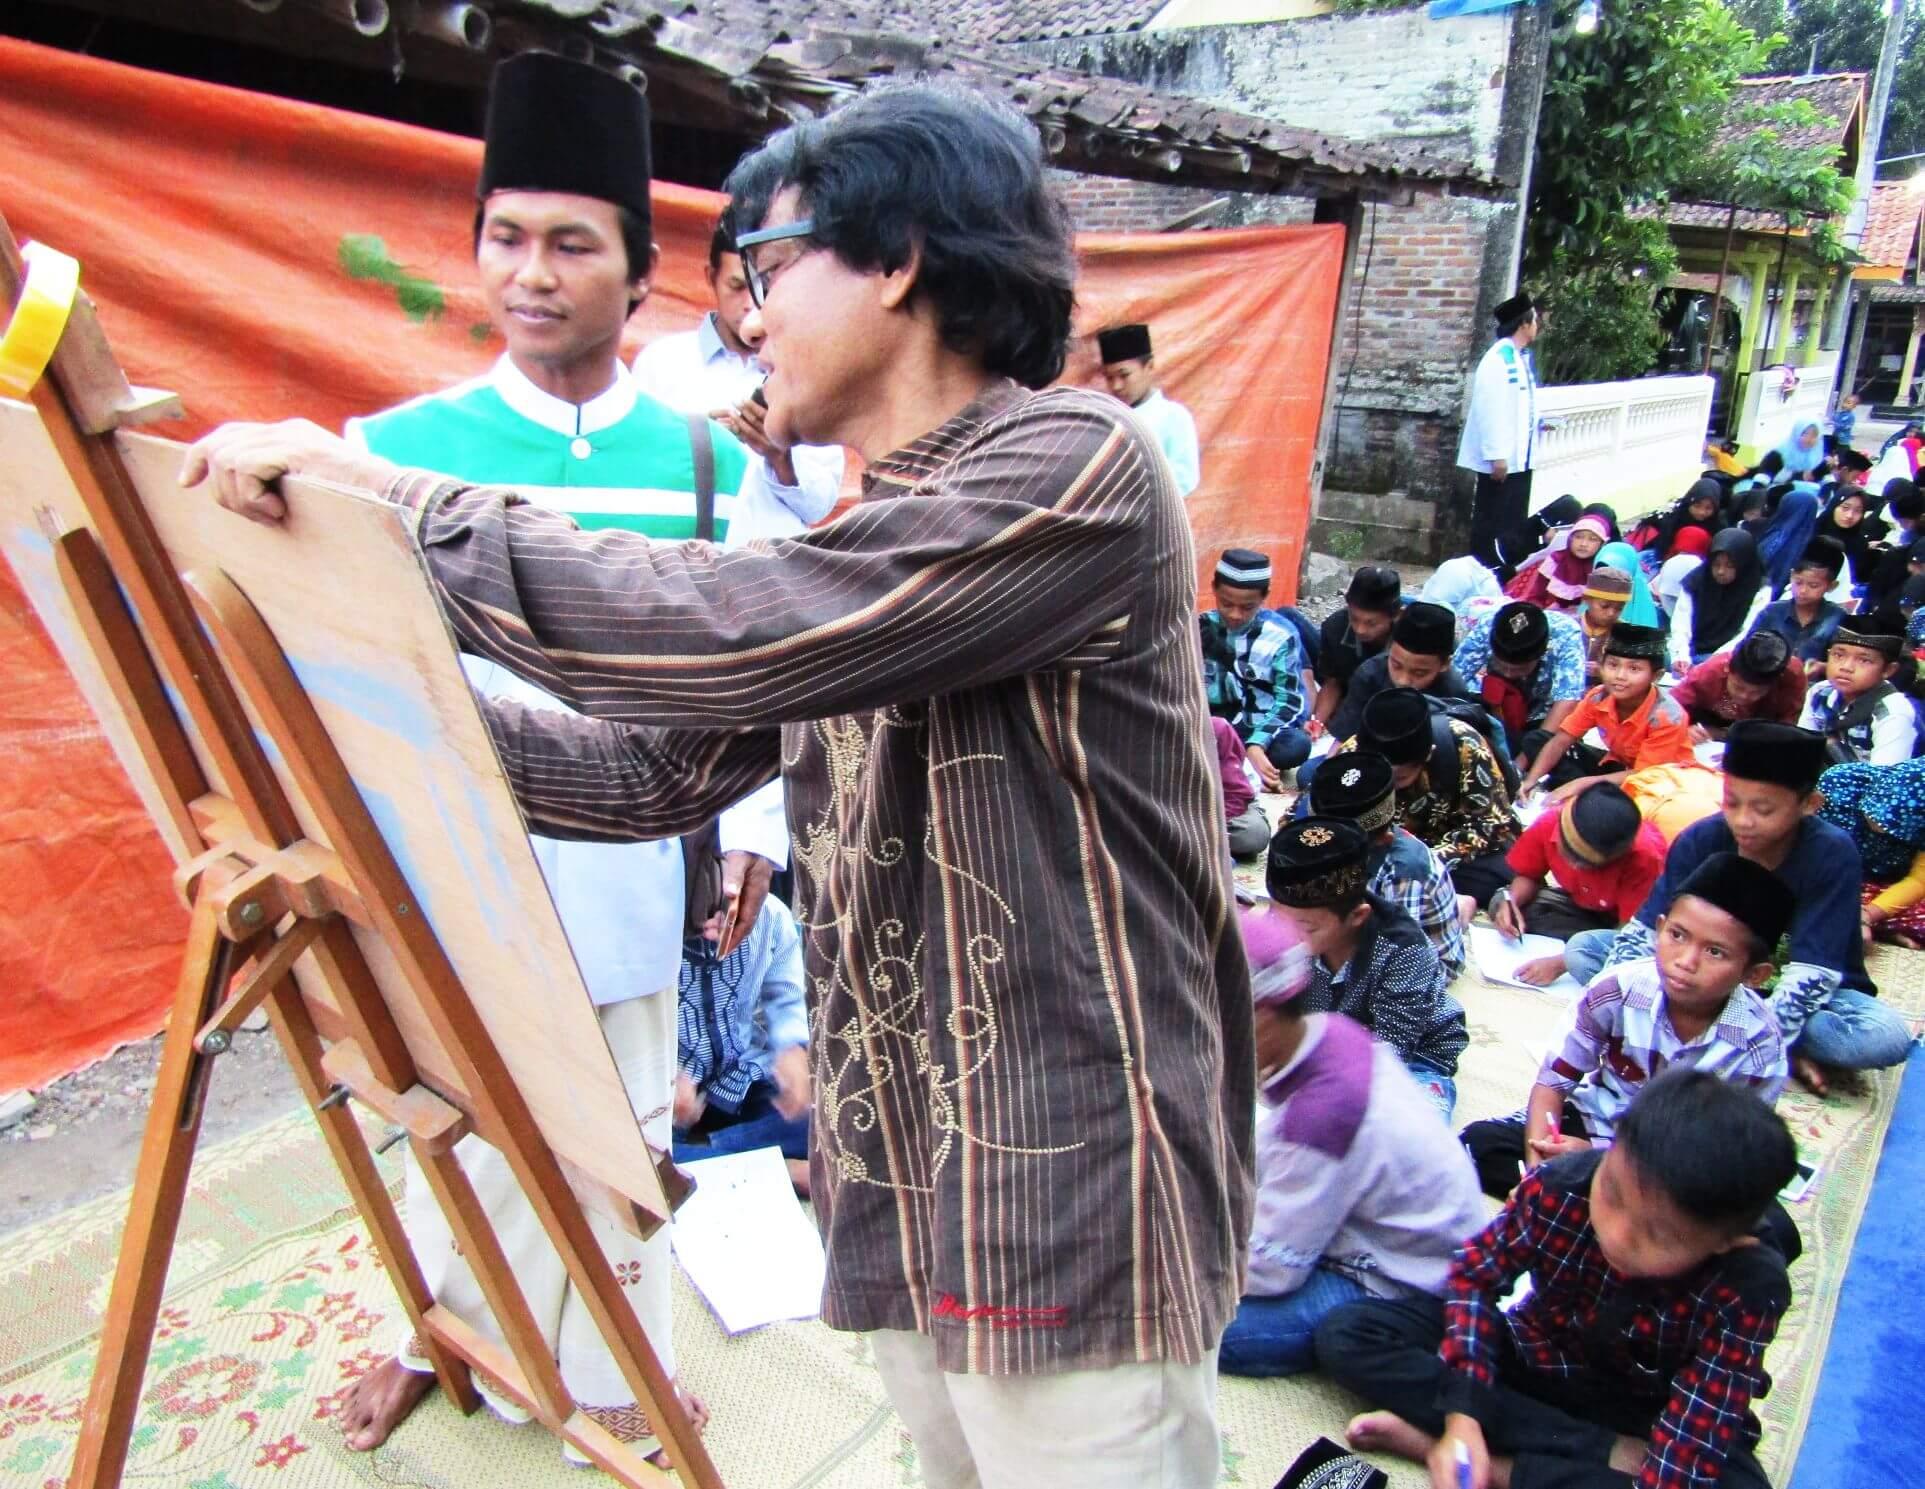 Kartun Ramadhan Warnai Kegiatan Buka Bersama Di Borobudur